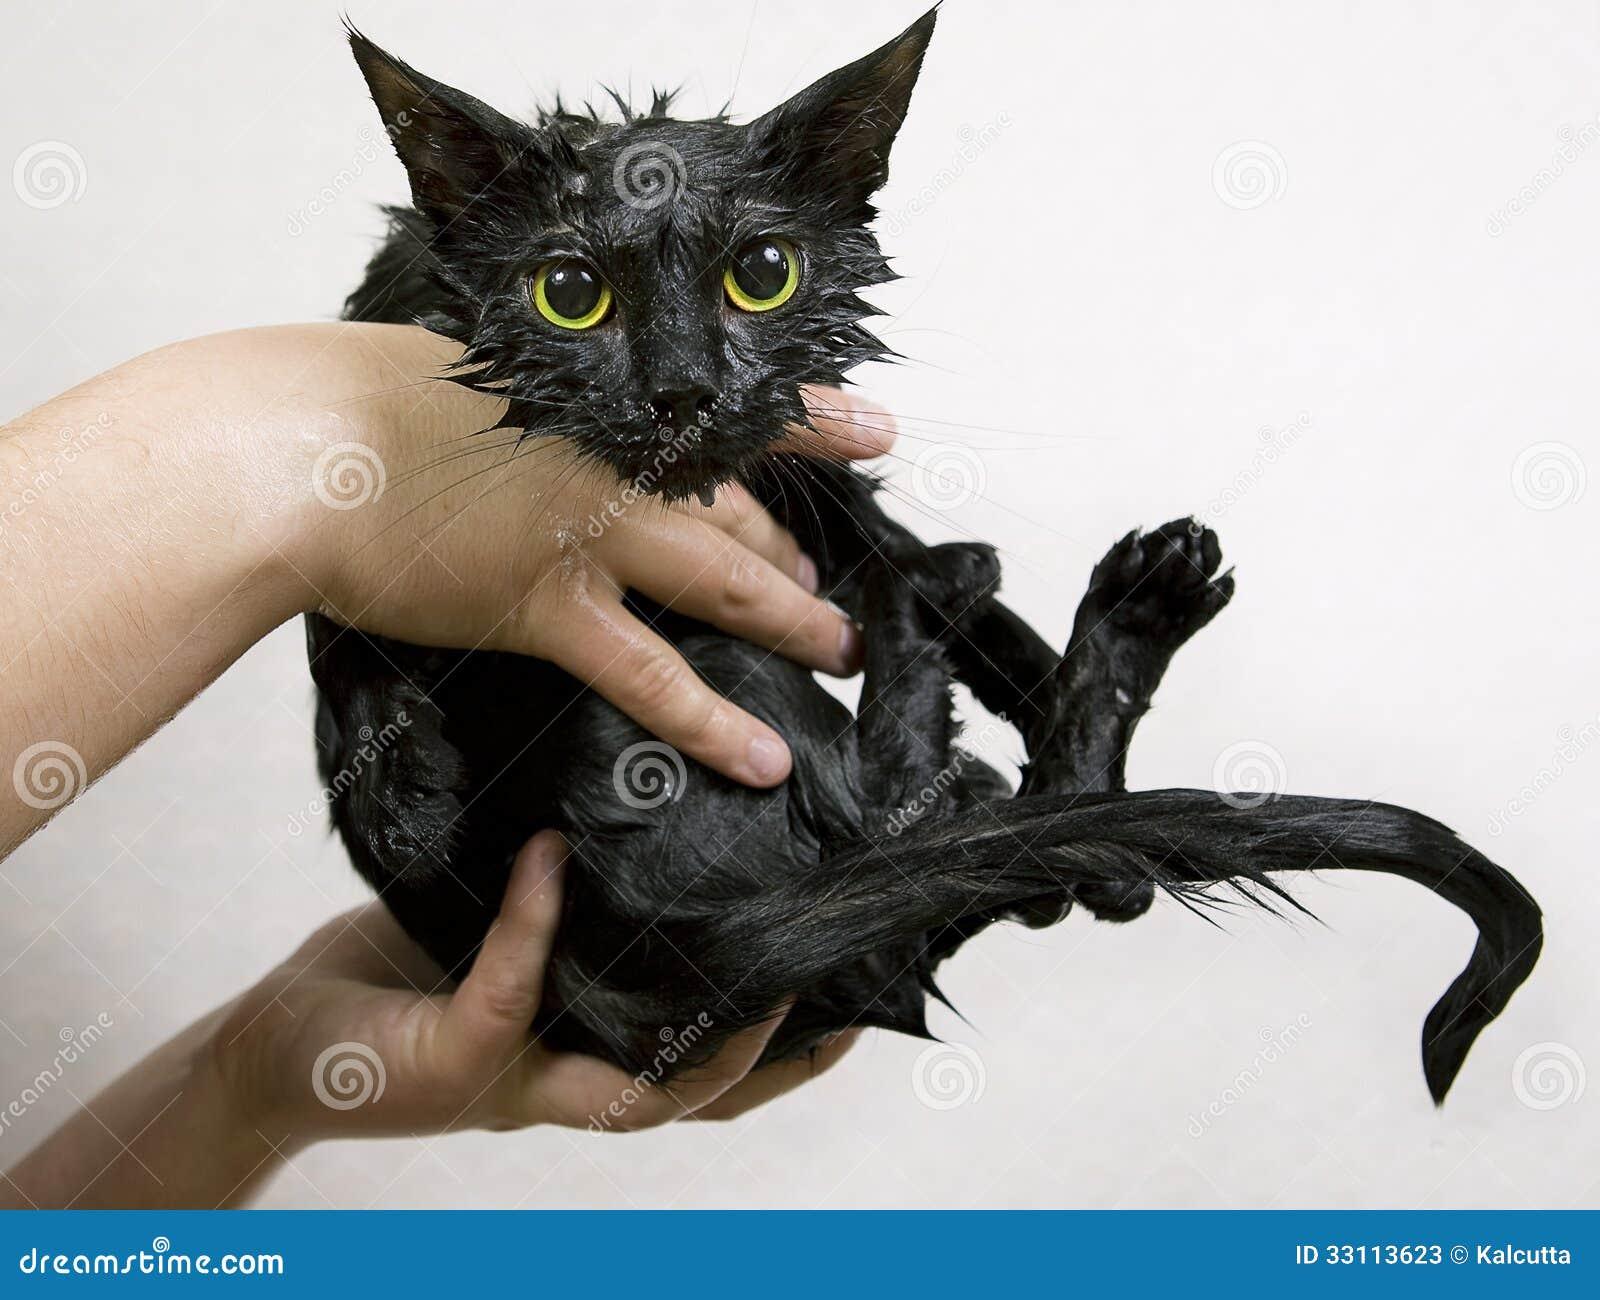 Flea Management Cats